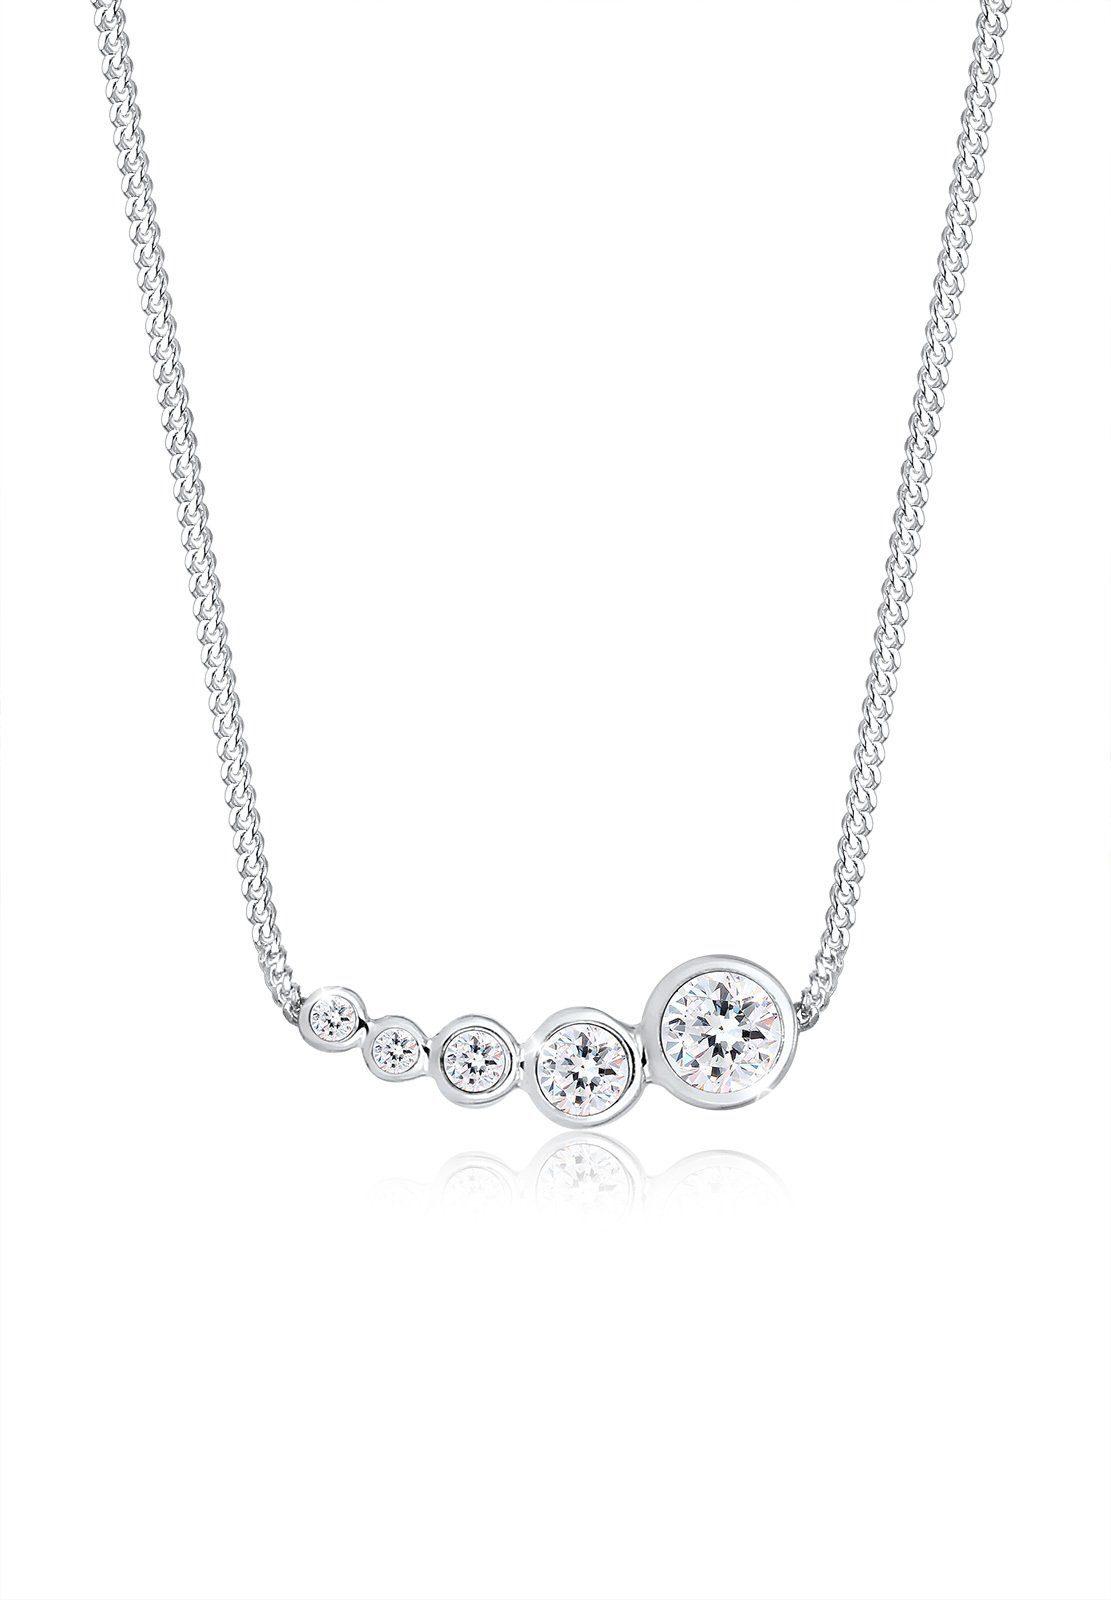 Elli Collierkettchen Geo Kreis Trend Swarovski Kristalle 925 Silber